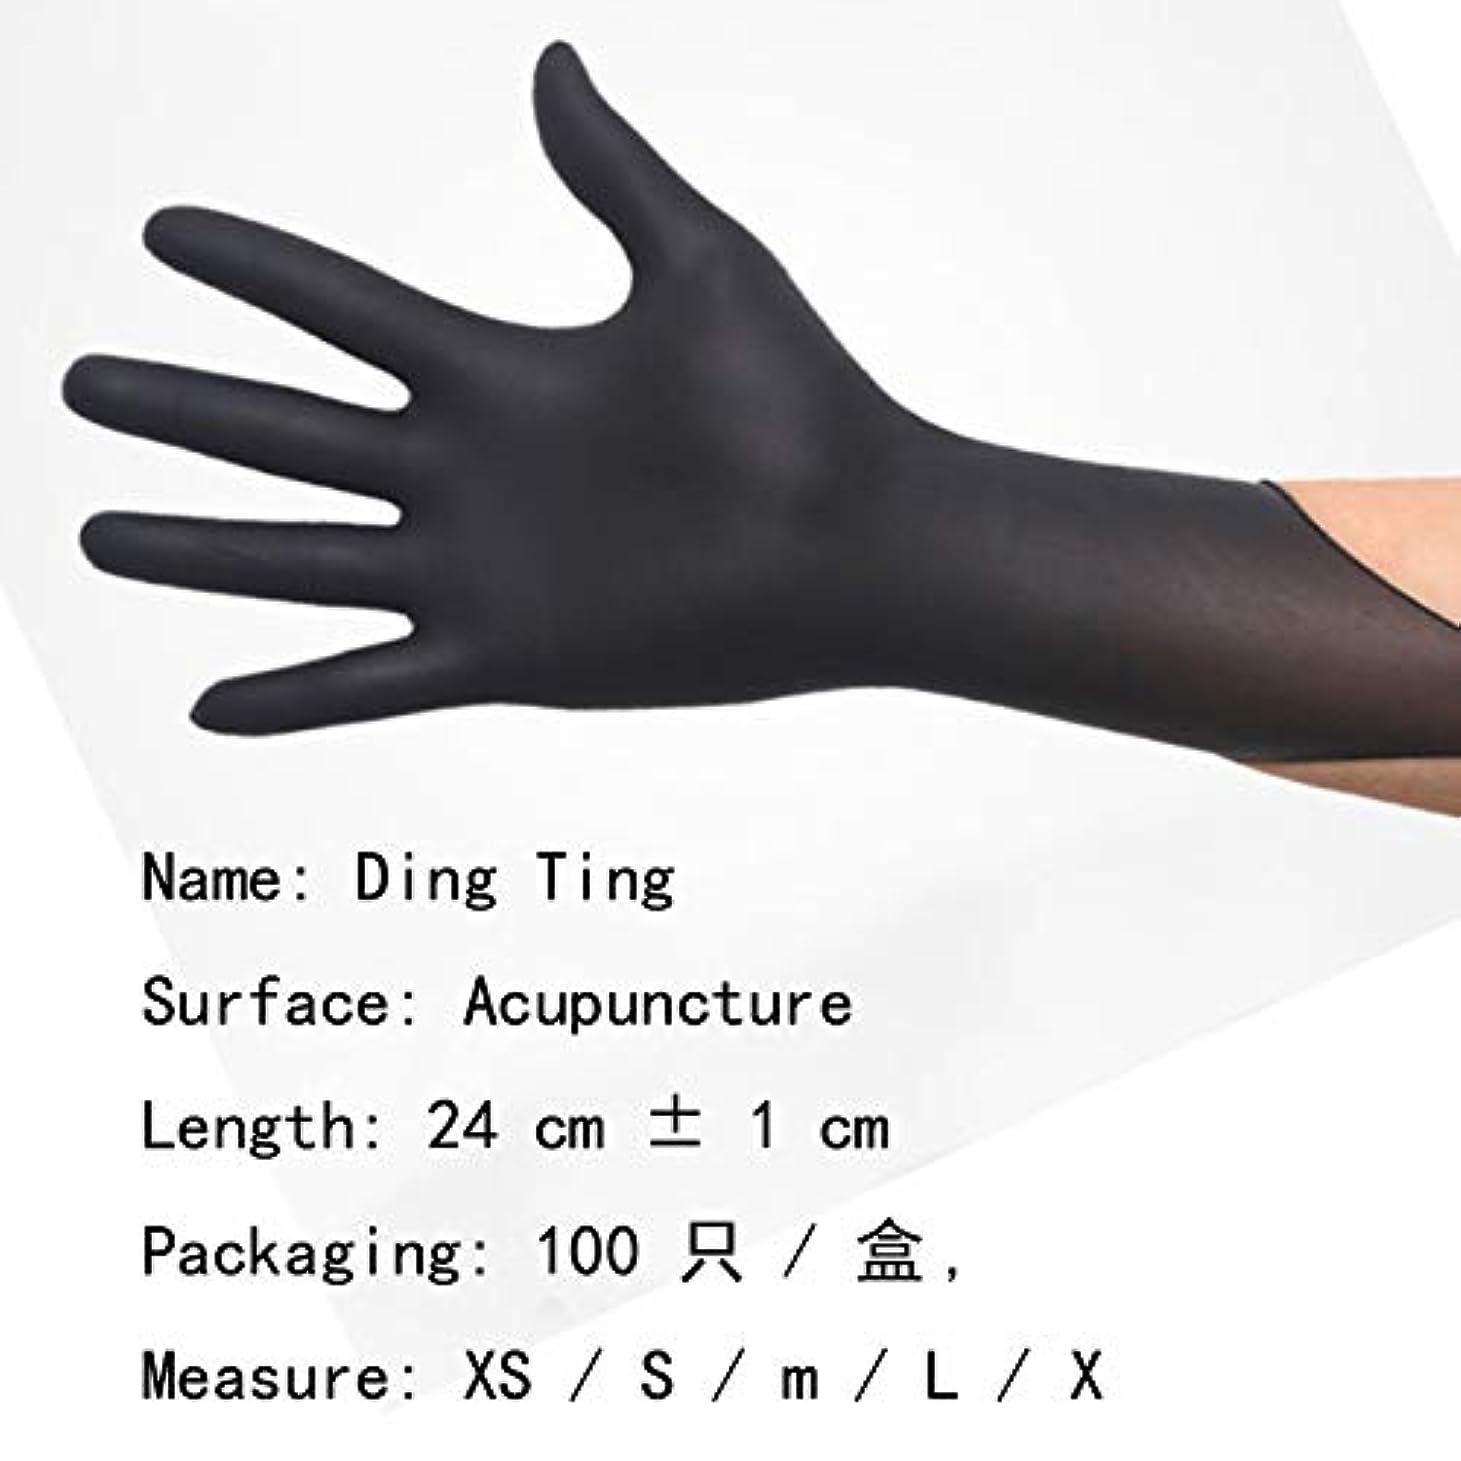 陽気な施設フェザーニトリル手袋黒ニトリル4ミル厚使い捨て手袋×ラージケース100試験医療用ラテックスフリーブラックM-L食品、工業用、クリーニング (Size : L)